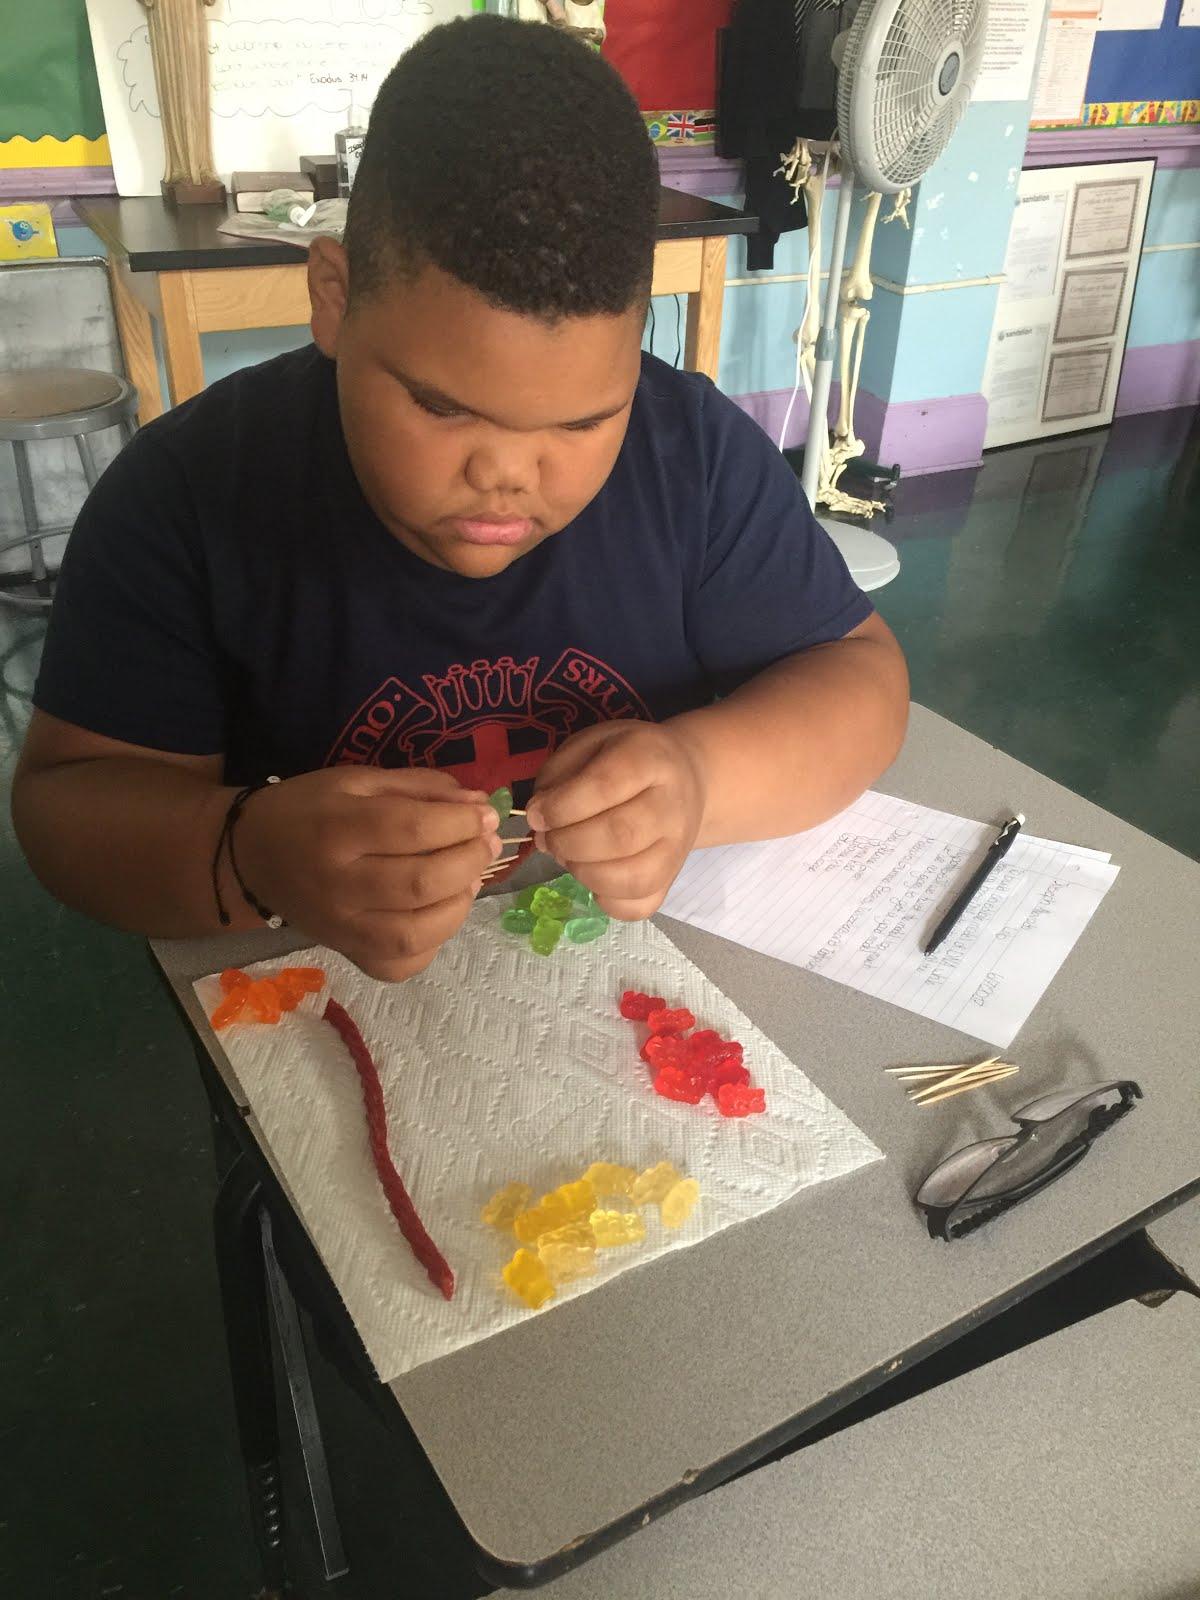 Building DNA models